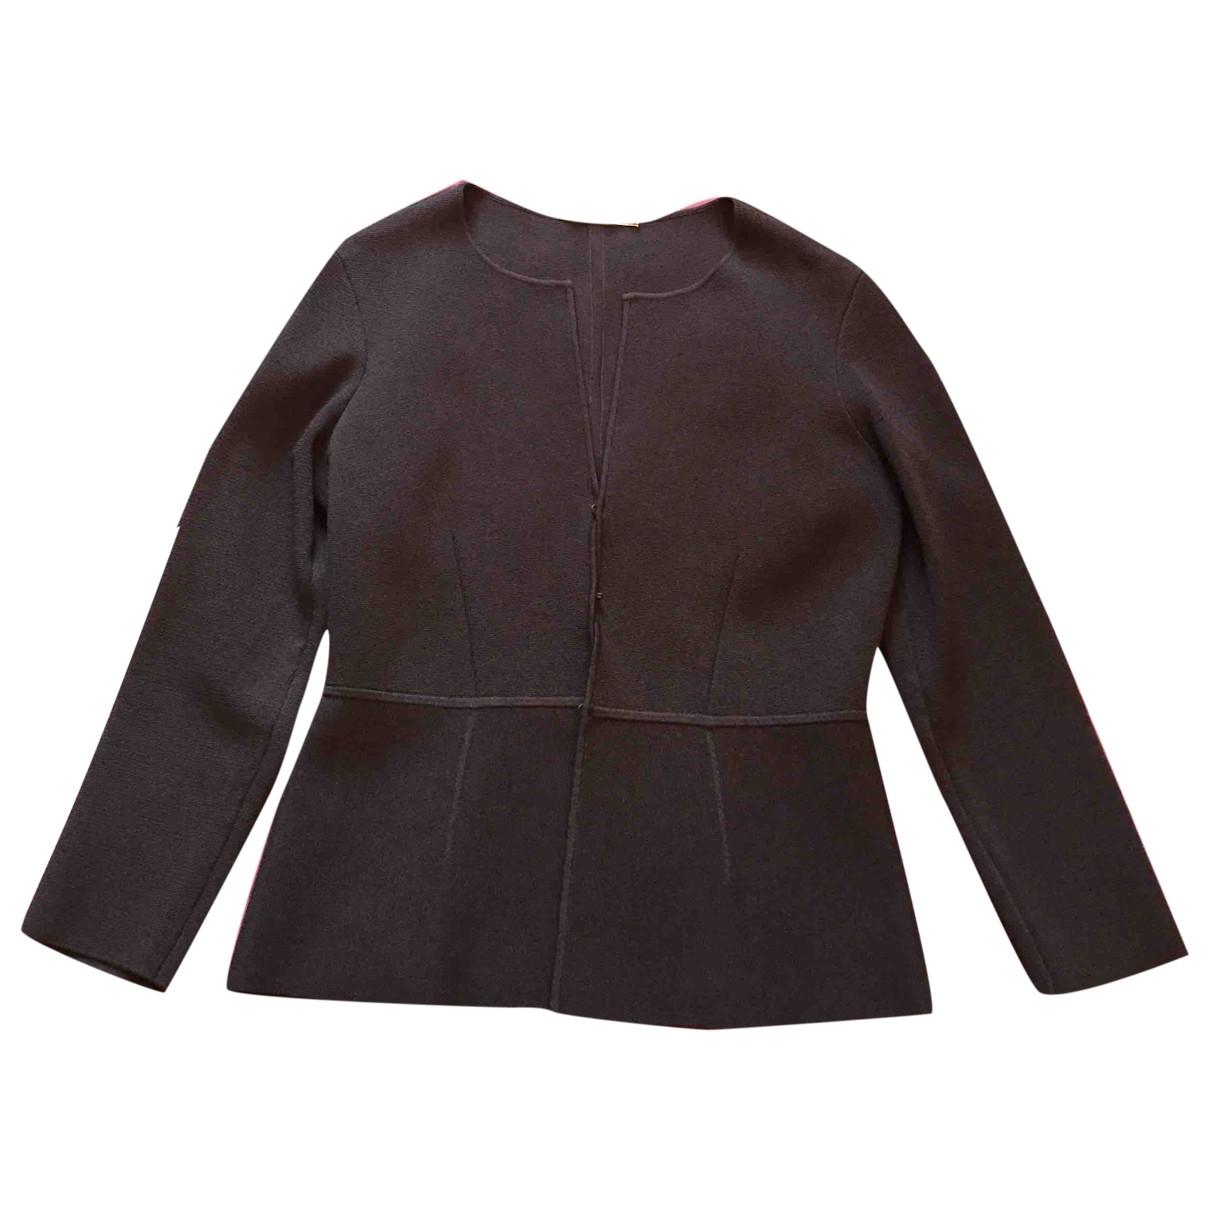 Lk Bennett \N Black jacket for Women M International